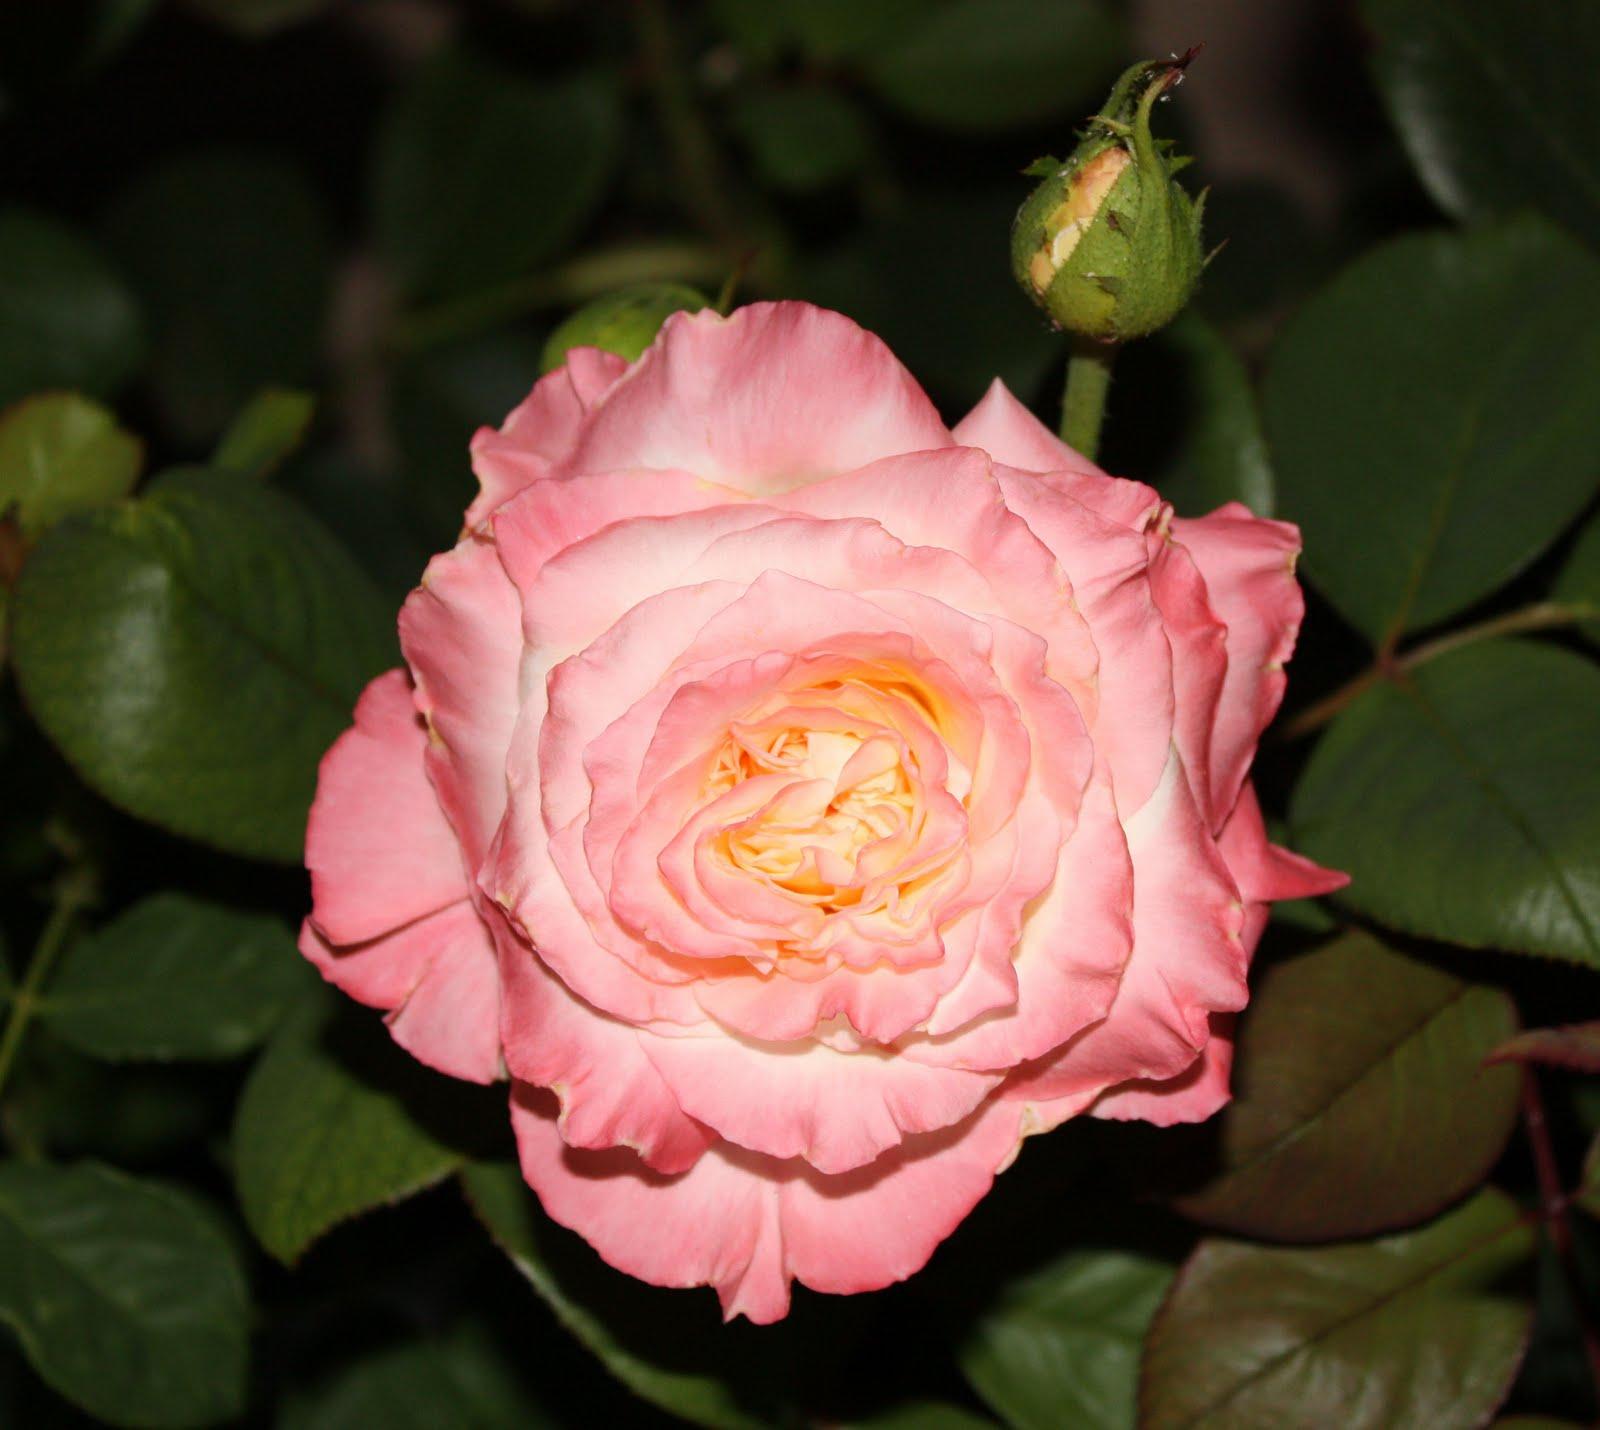 http://3.bp.blogspot.com/_F07iqvPbMZY/TGrZV1iXH4I/AAAAAAAAIy0/3P7oSaY_6-U/s1600/princess%2Bdiana%2Brose.jpg